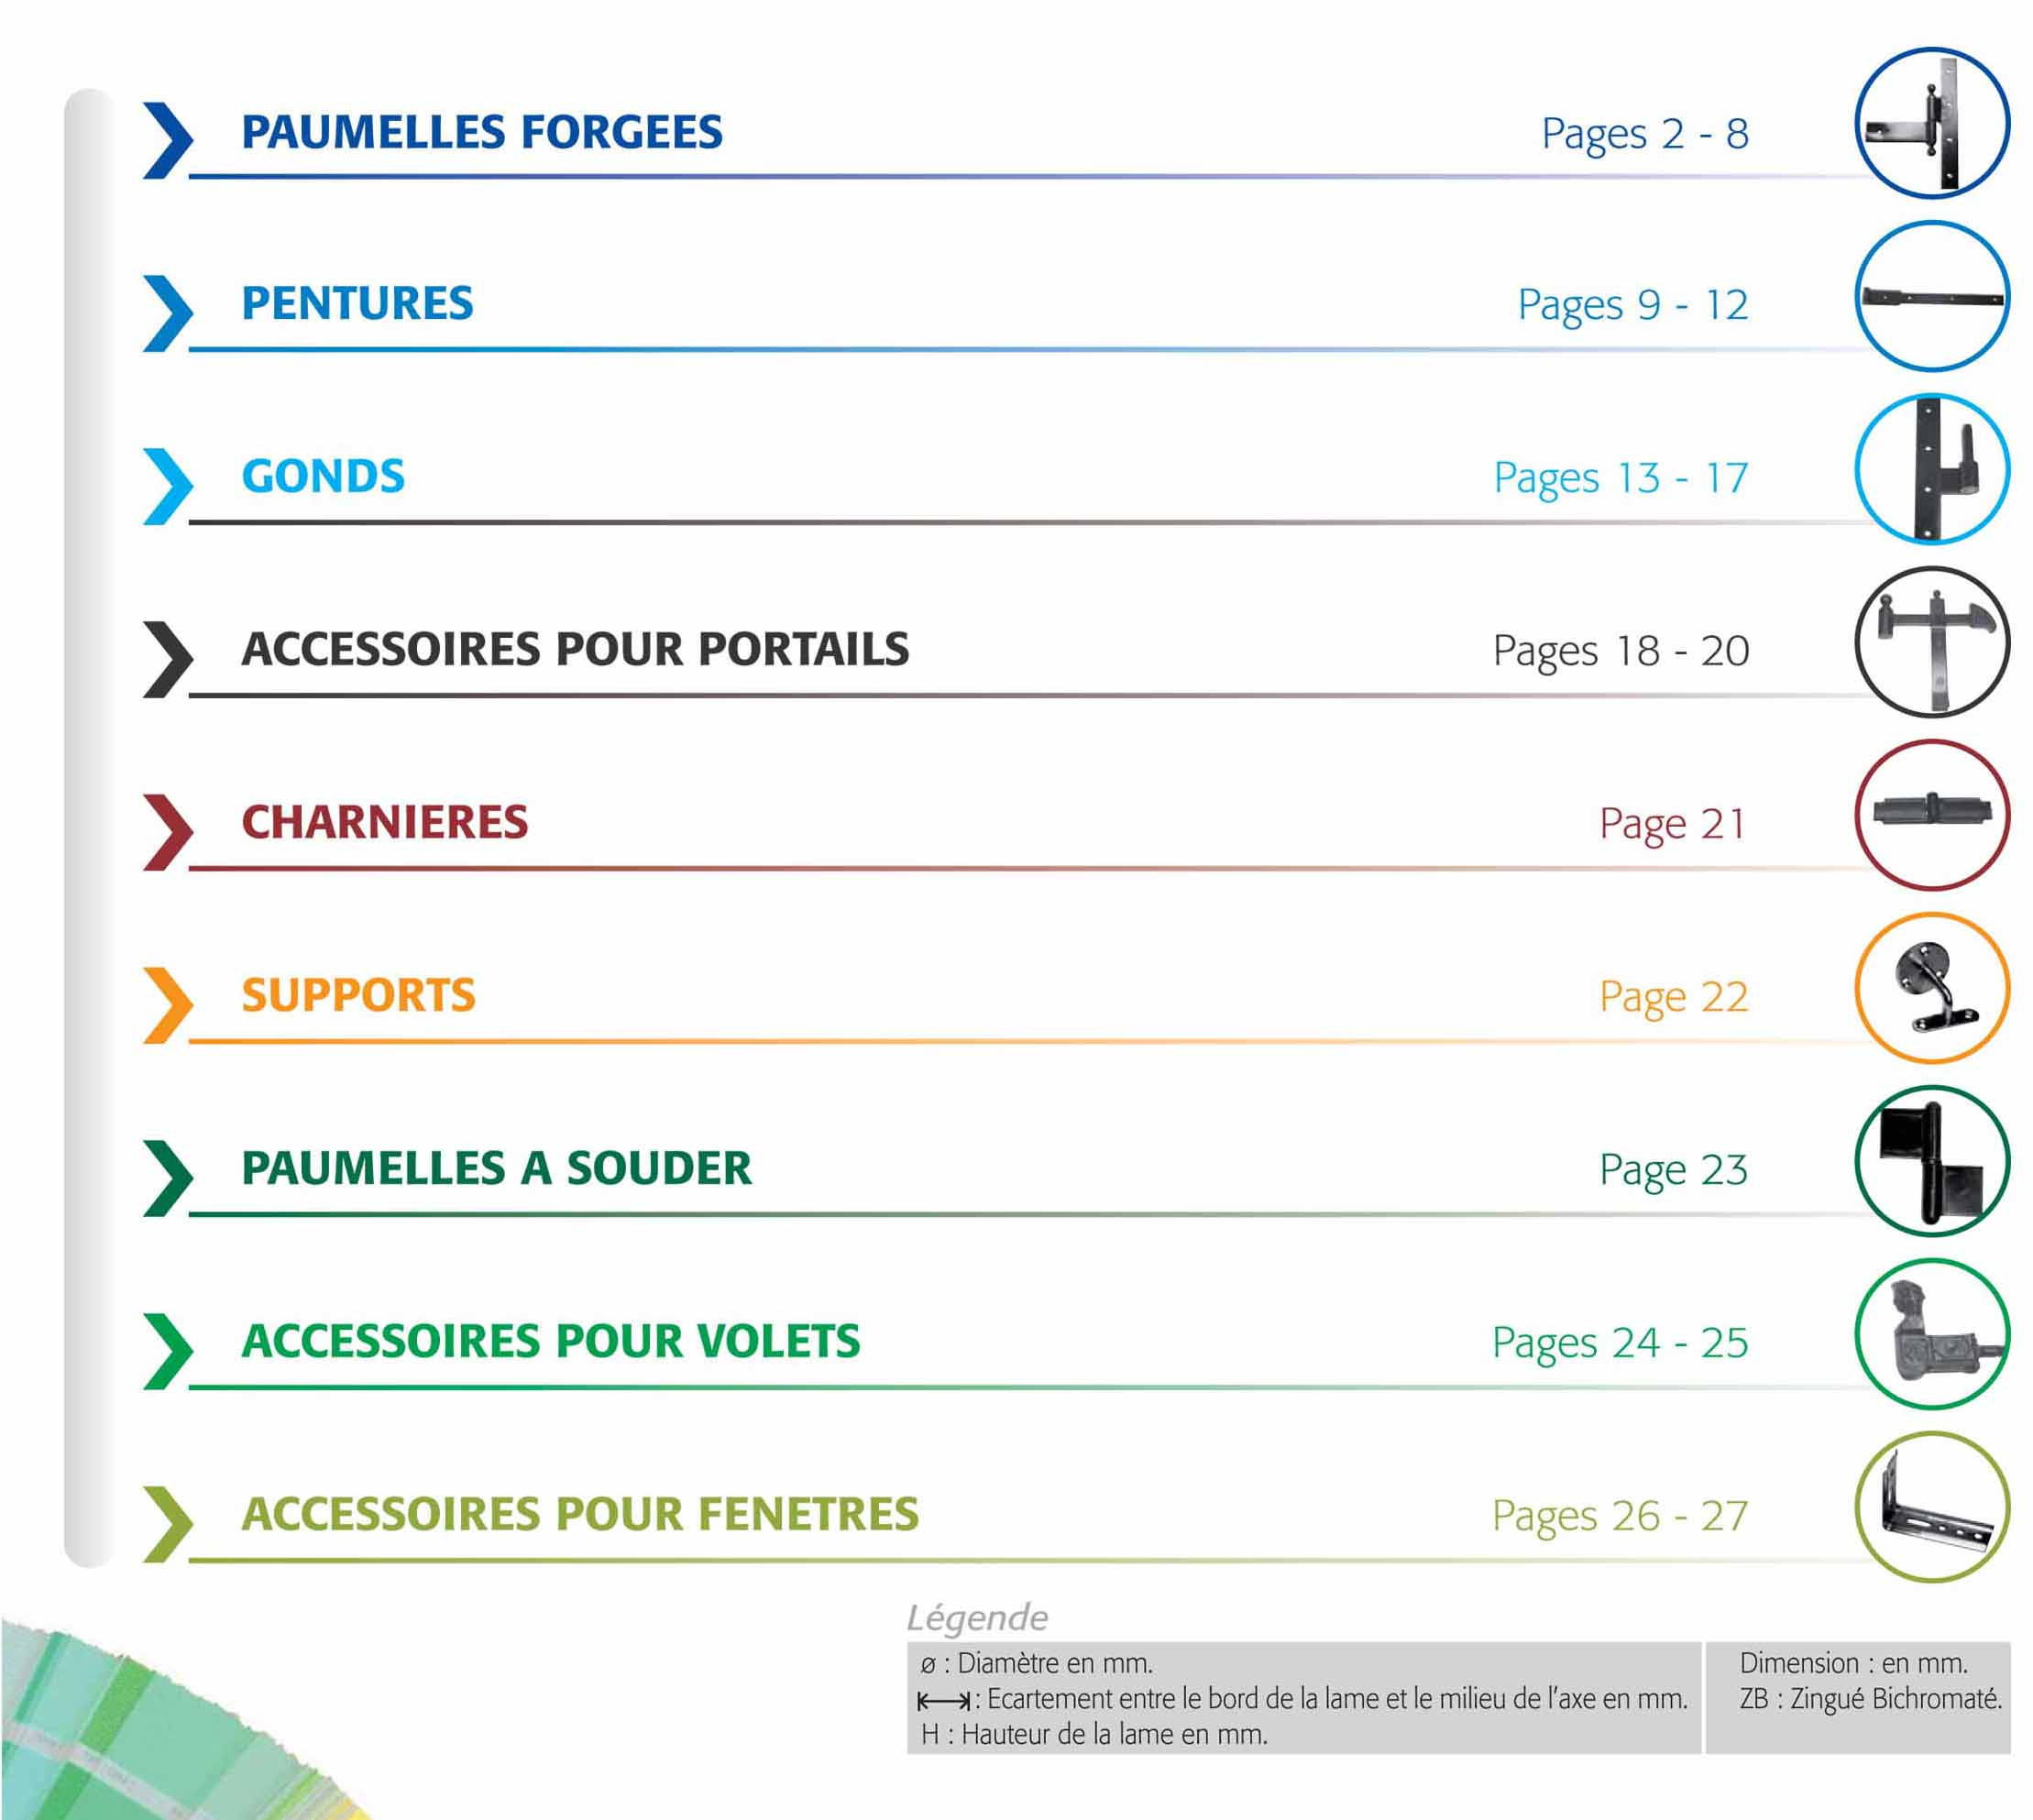 quincaillerie-Acier-bourgeois-Freres